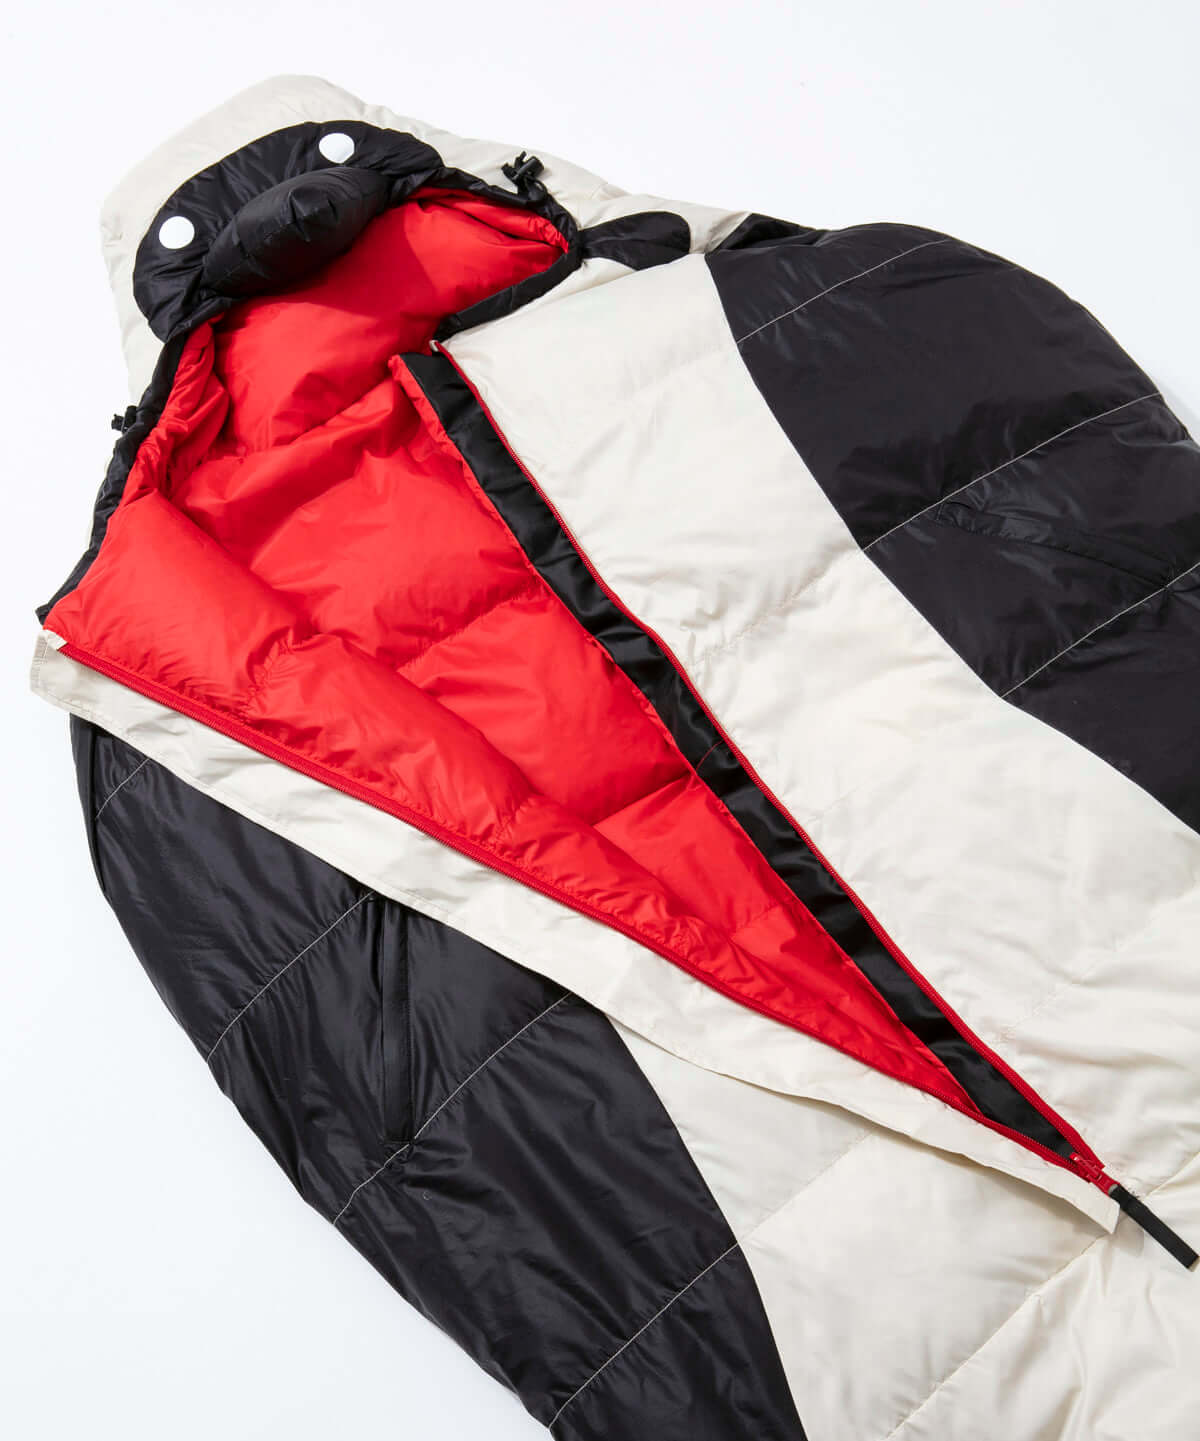 「CHUMS」待望の寝袋シリーズが発売|ブービーバードに変身できる寝袋が登場 life190318_chums_5-1200x1441